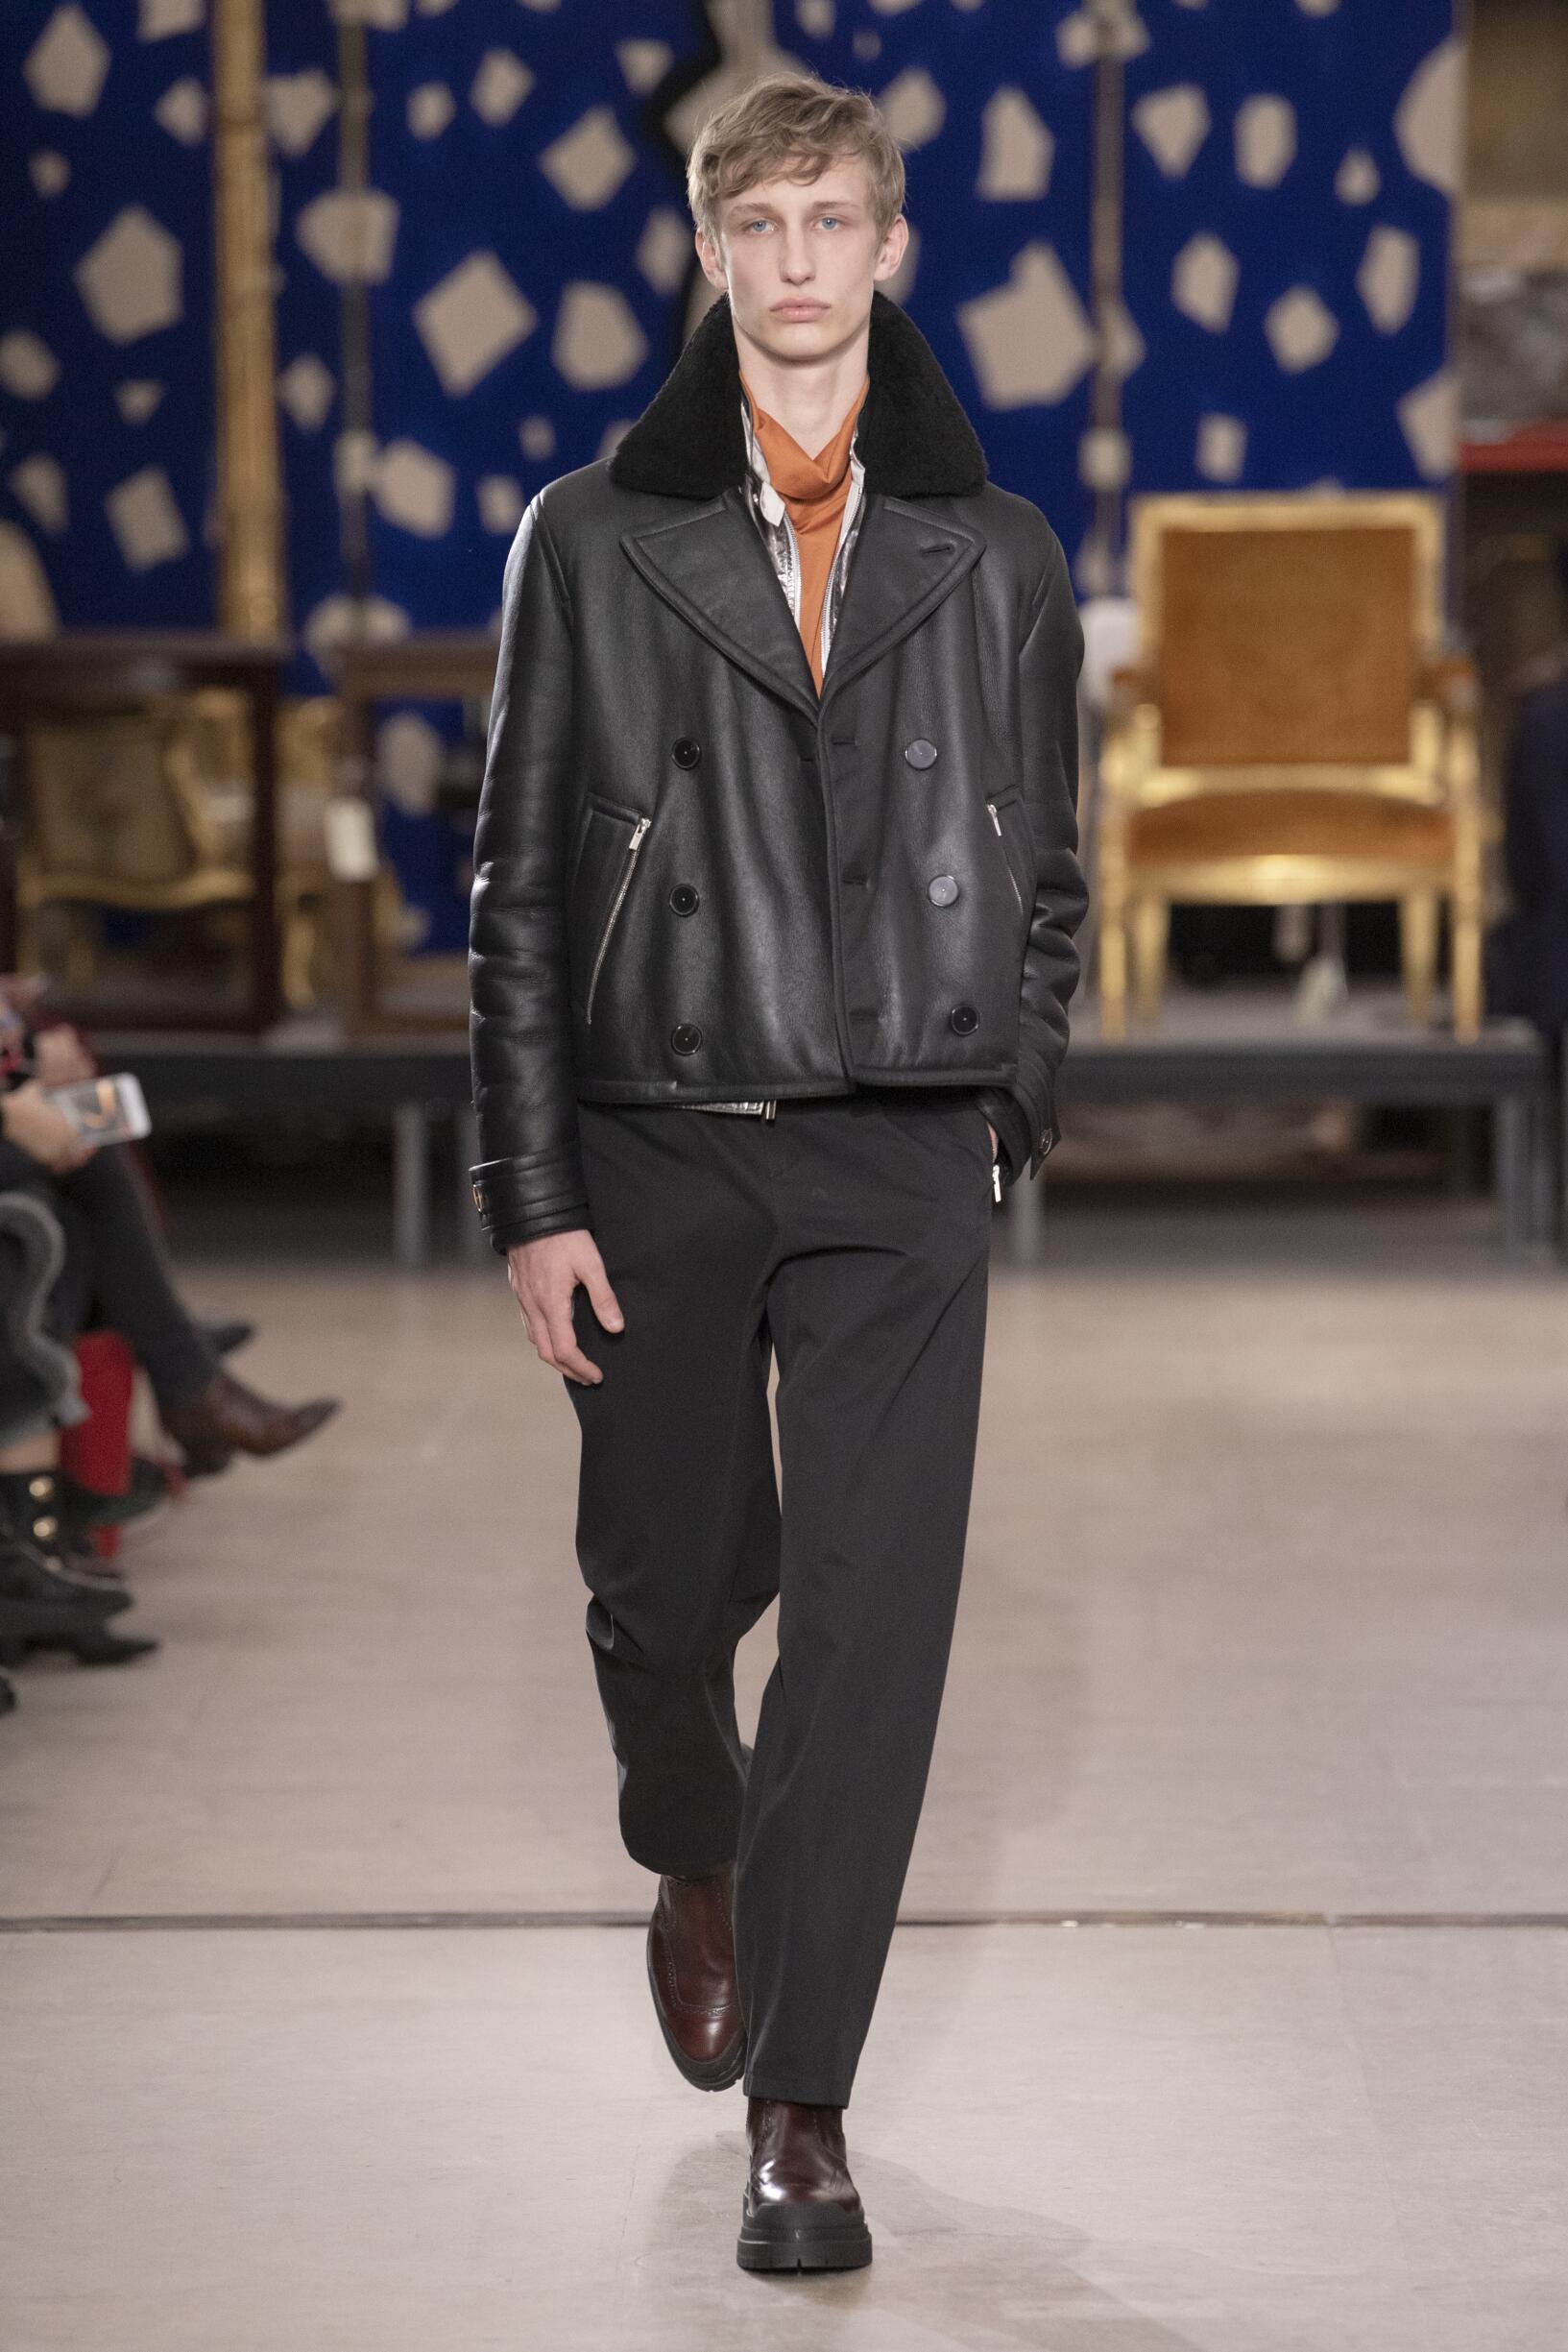 Hermès Men's Collection 2019-20